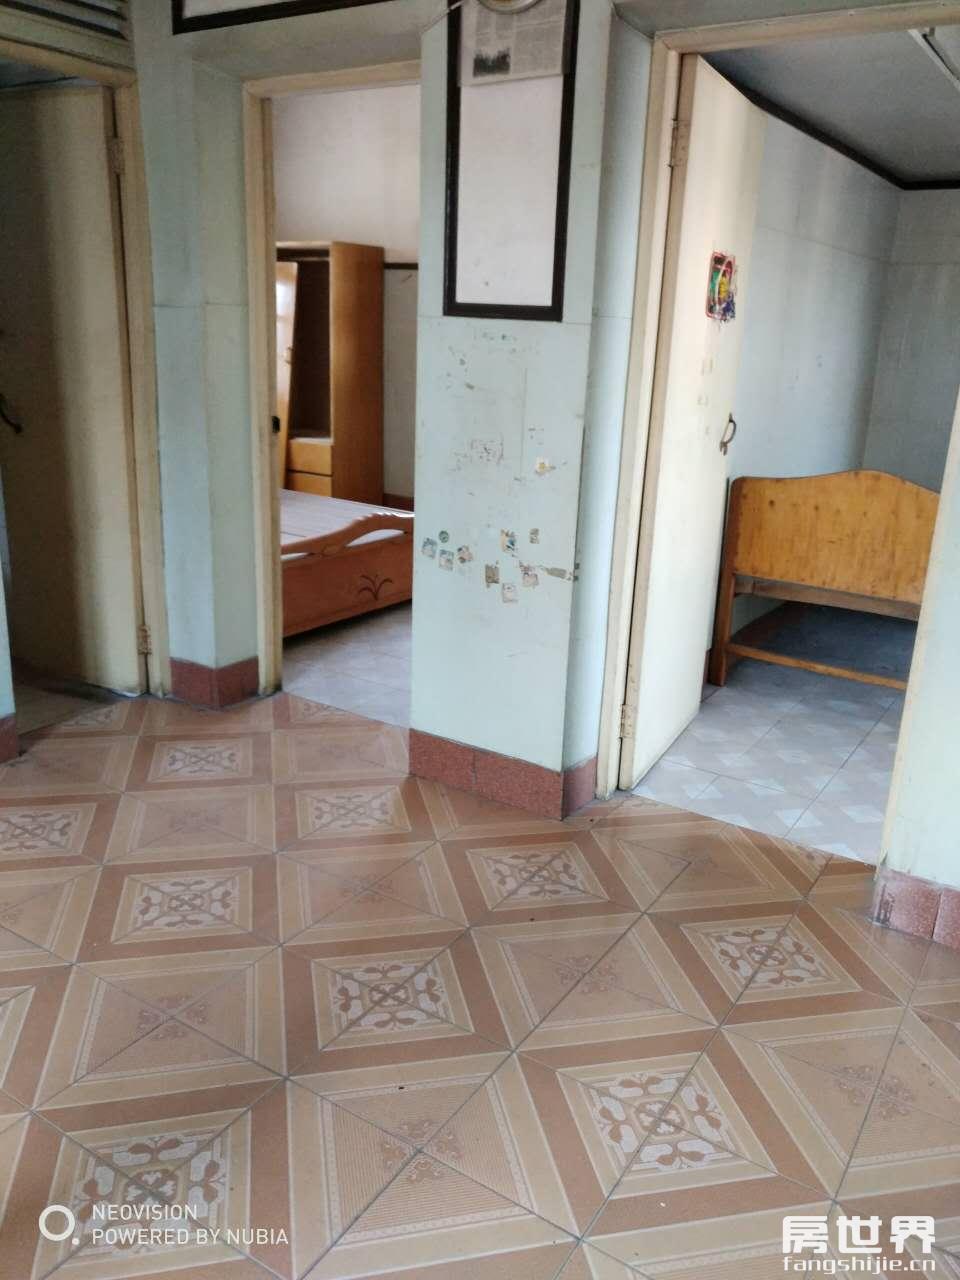 临浦永翔公寓附近小面积、镇小、低总价、周围配套齐全、诚售